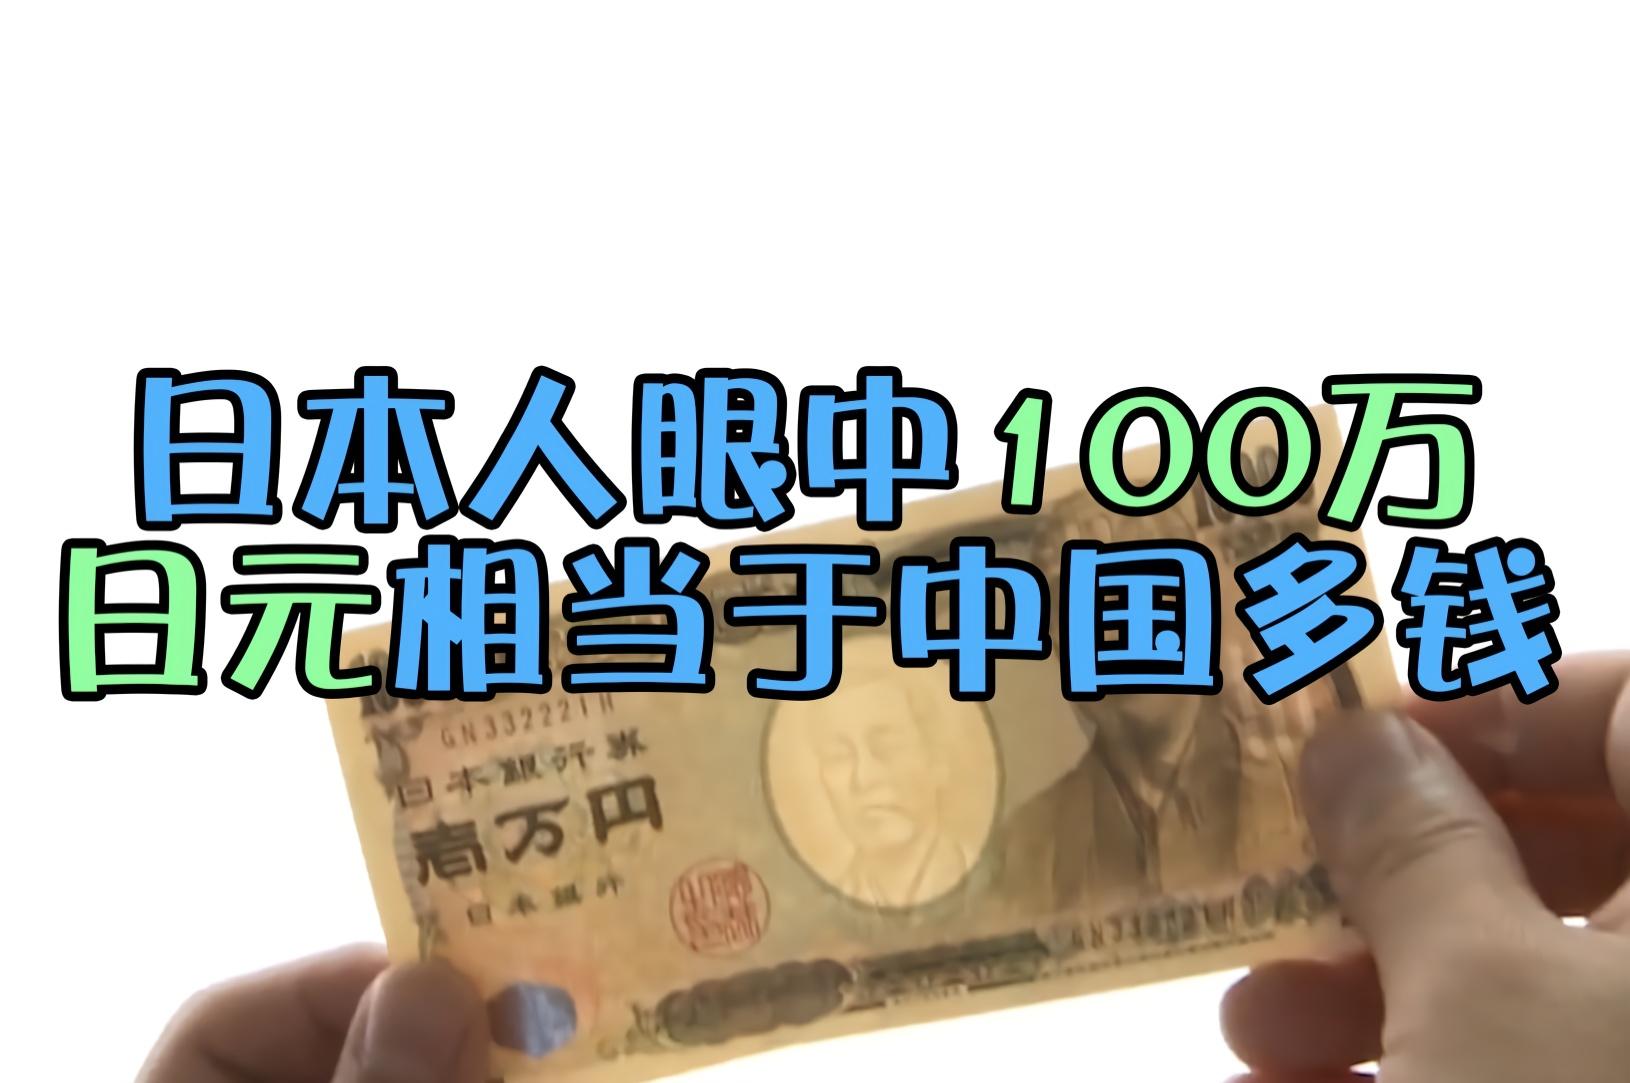 在日本人眼中100万日元,相当于中国人眼中的多少钱?